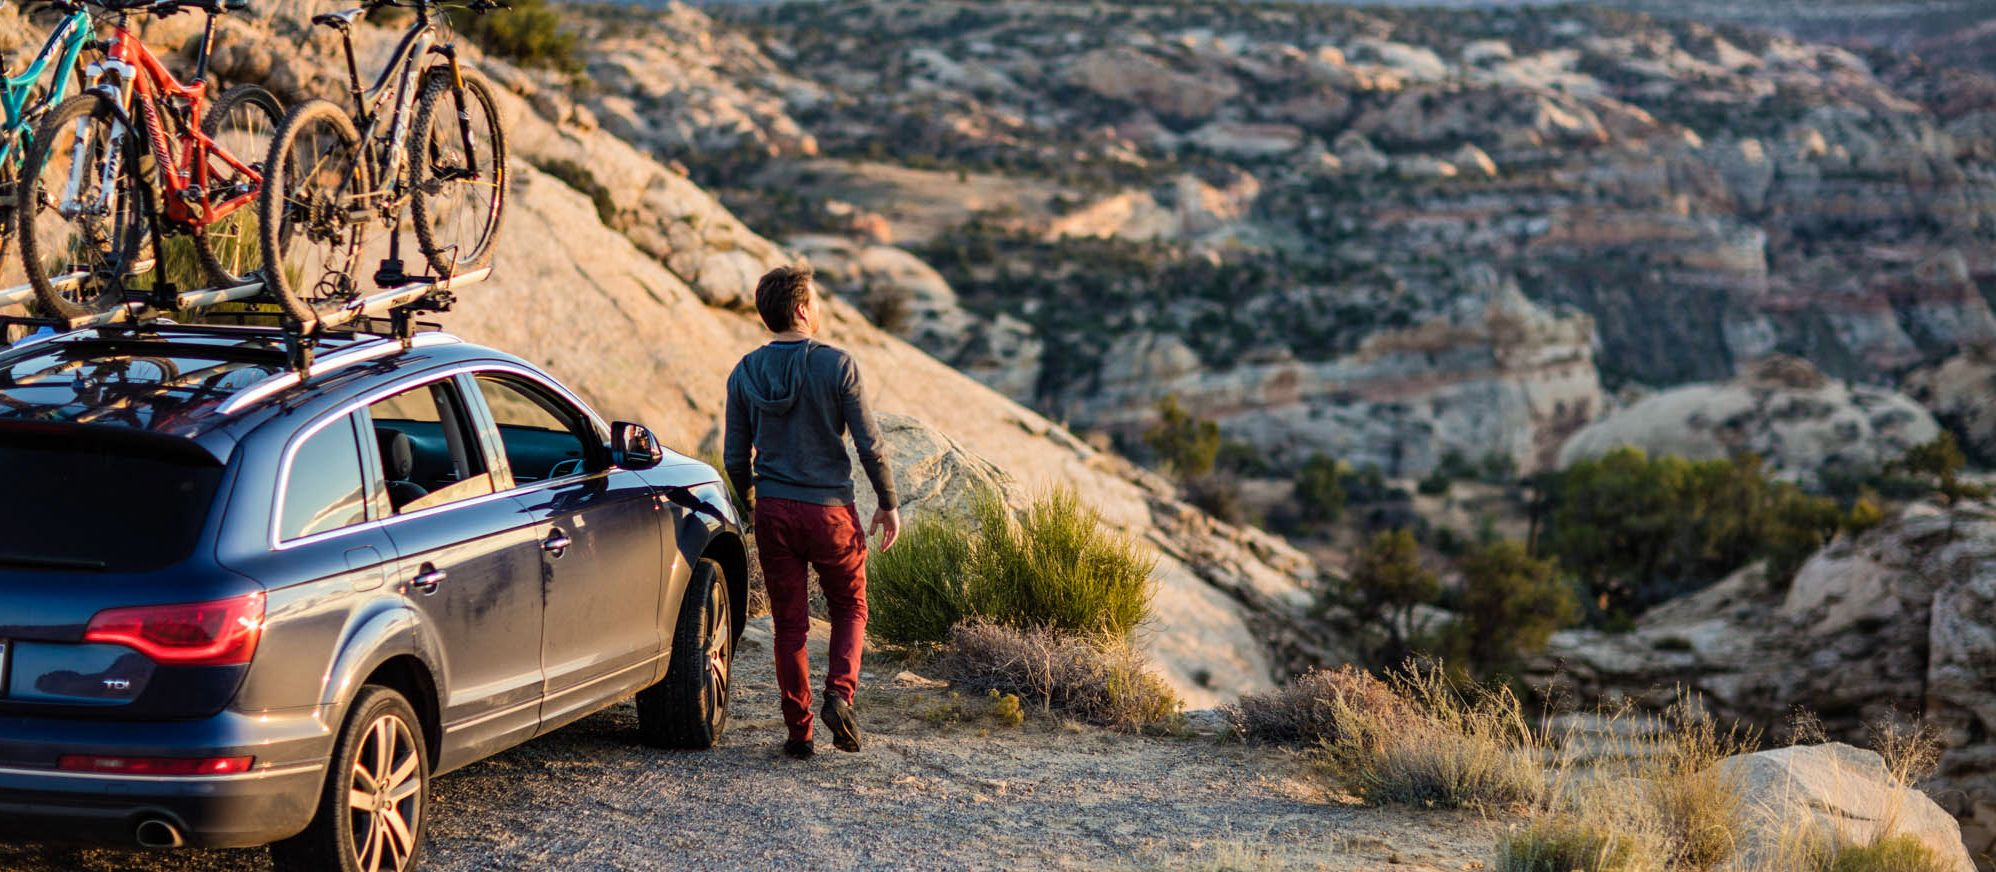 Eine Kurze Pause machen und den Ausblick auf den Bryce Canyon Nationalpark genießen